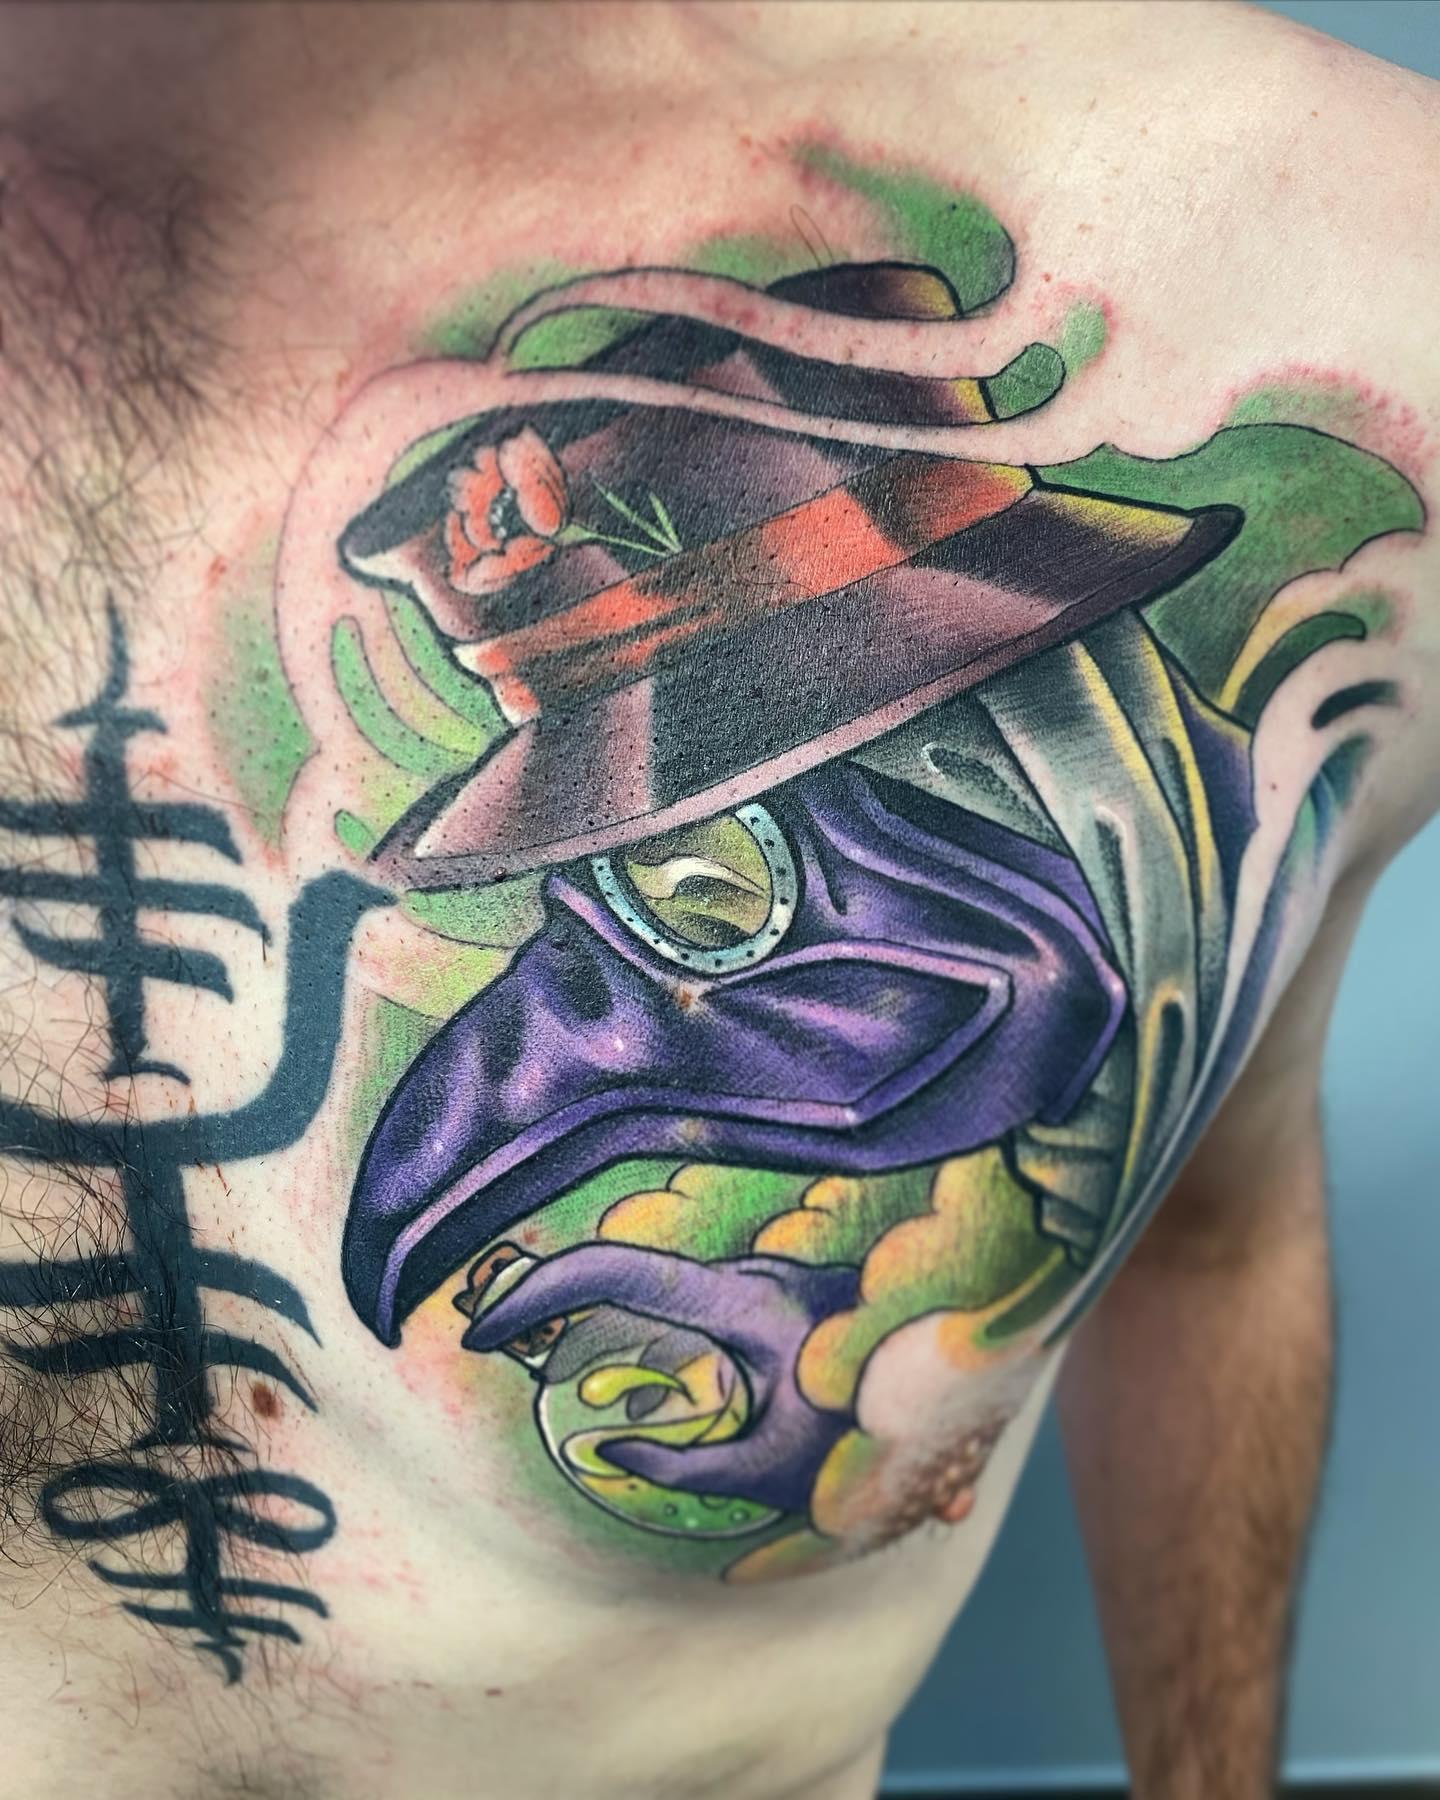 skit_tattoo_11